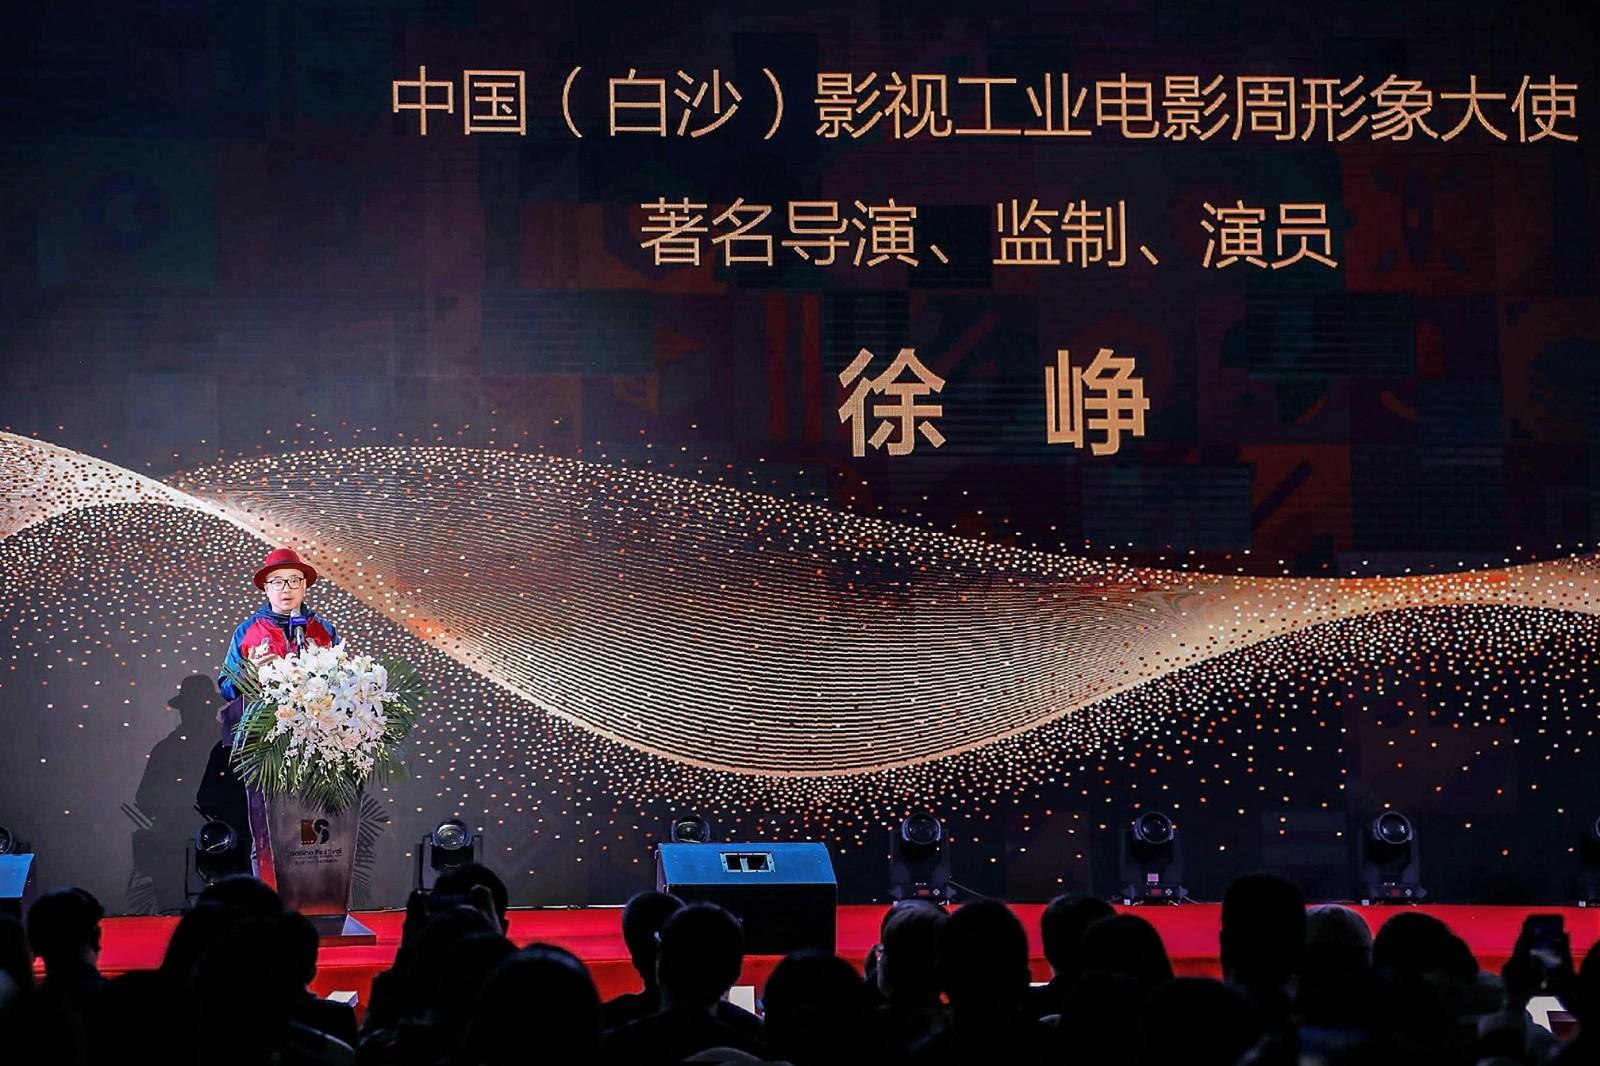 徐峥:《囧妈》是中国合家欢电影,春节档上映也有压力